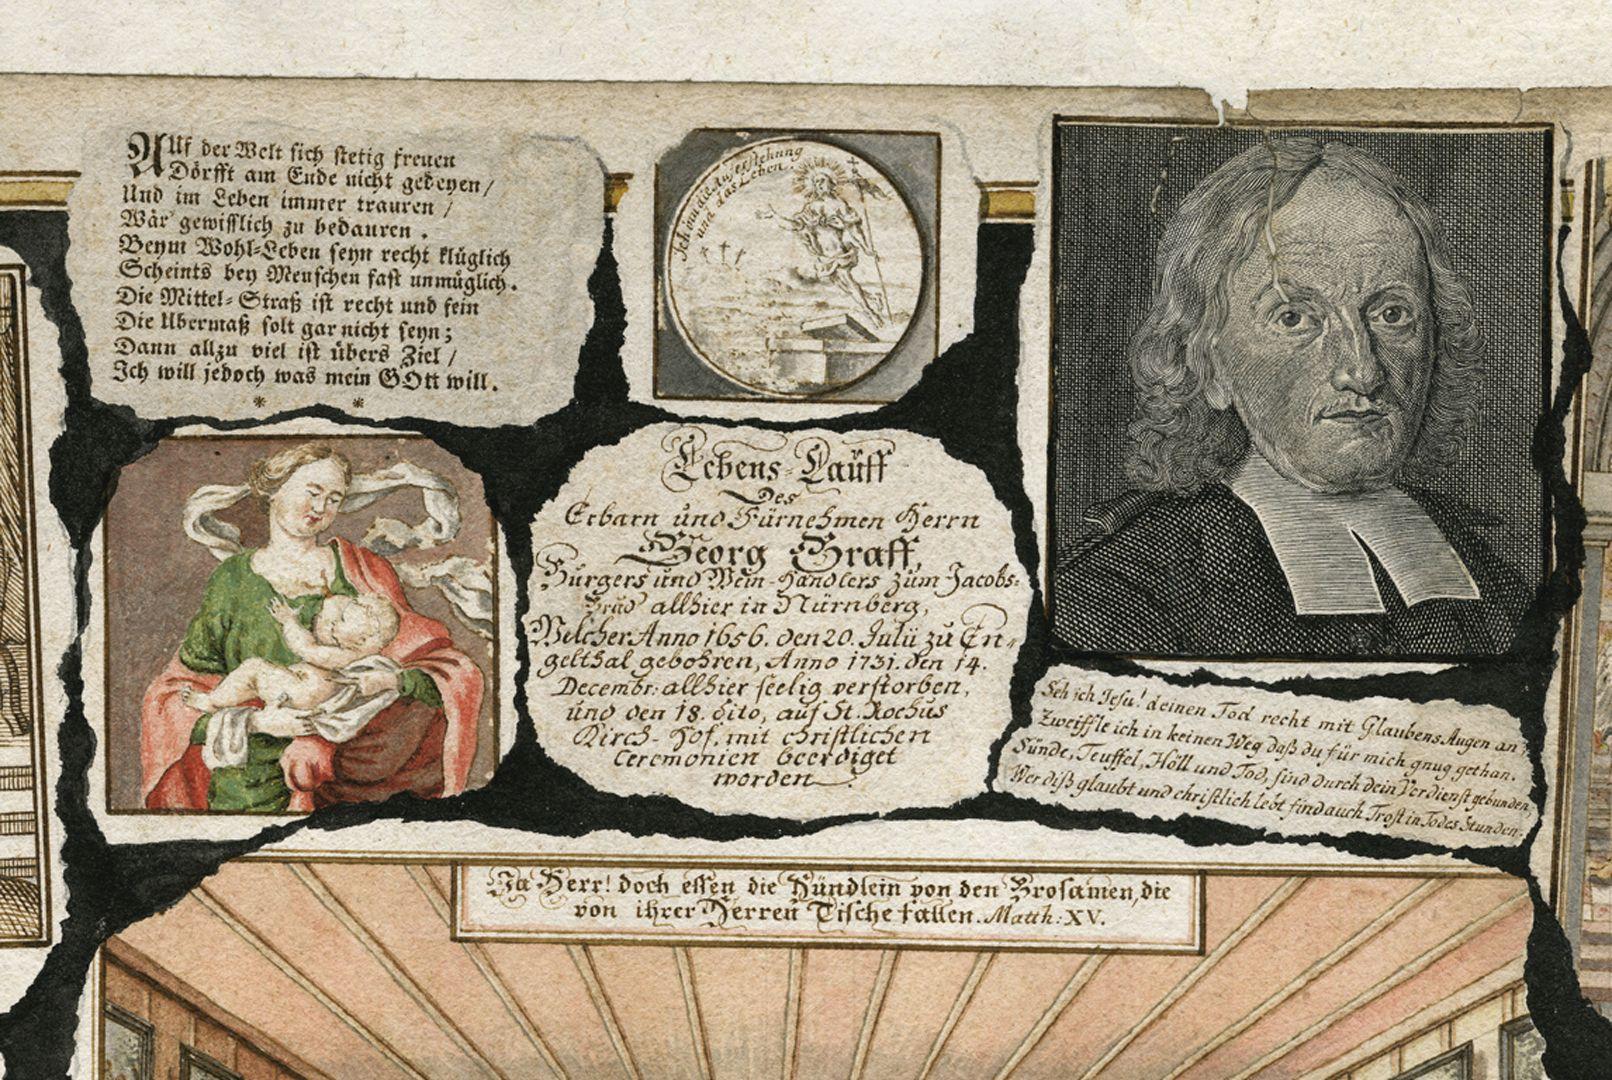 Quodlibet auf den Tod des Weinhändlers Graff Mittig oberhalb der zentralen Szene eines Festmahls sind auf einem ausgerissenen Zettel die Lebensdaten von Georg Graff notiert, als sei es eine Inschriftenkartusche.